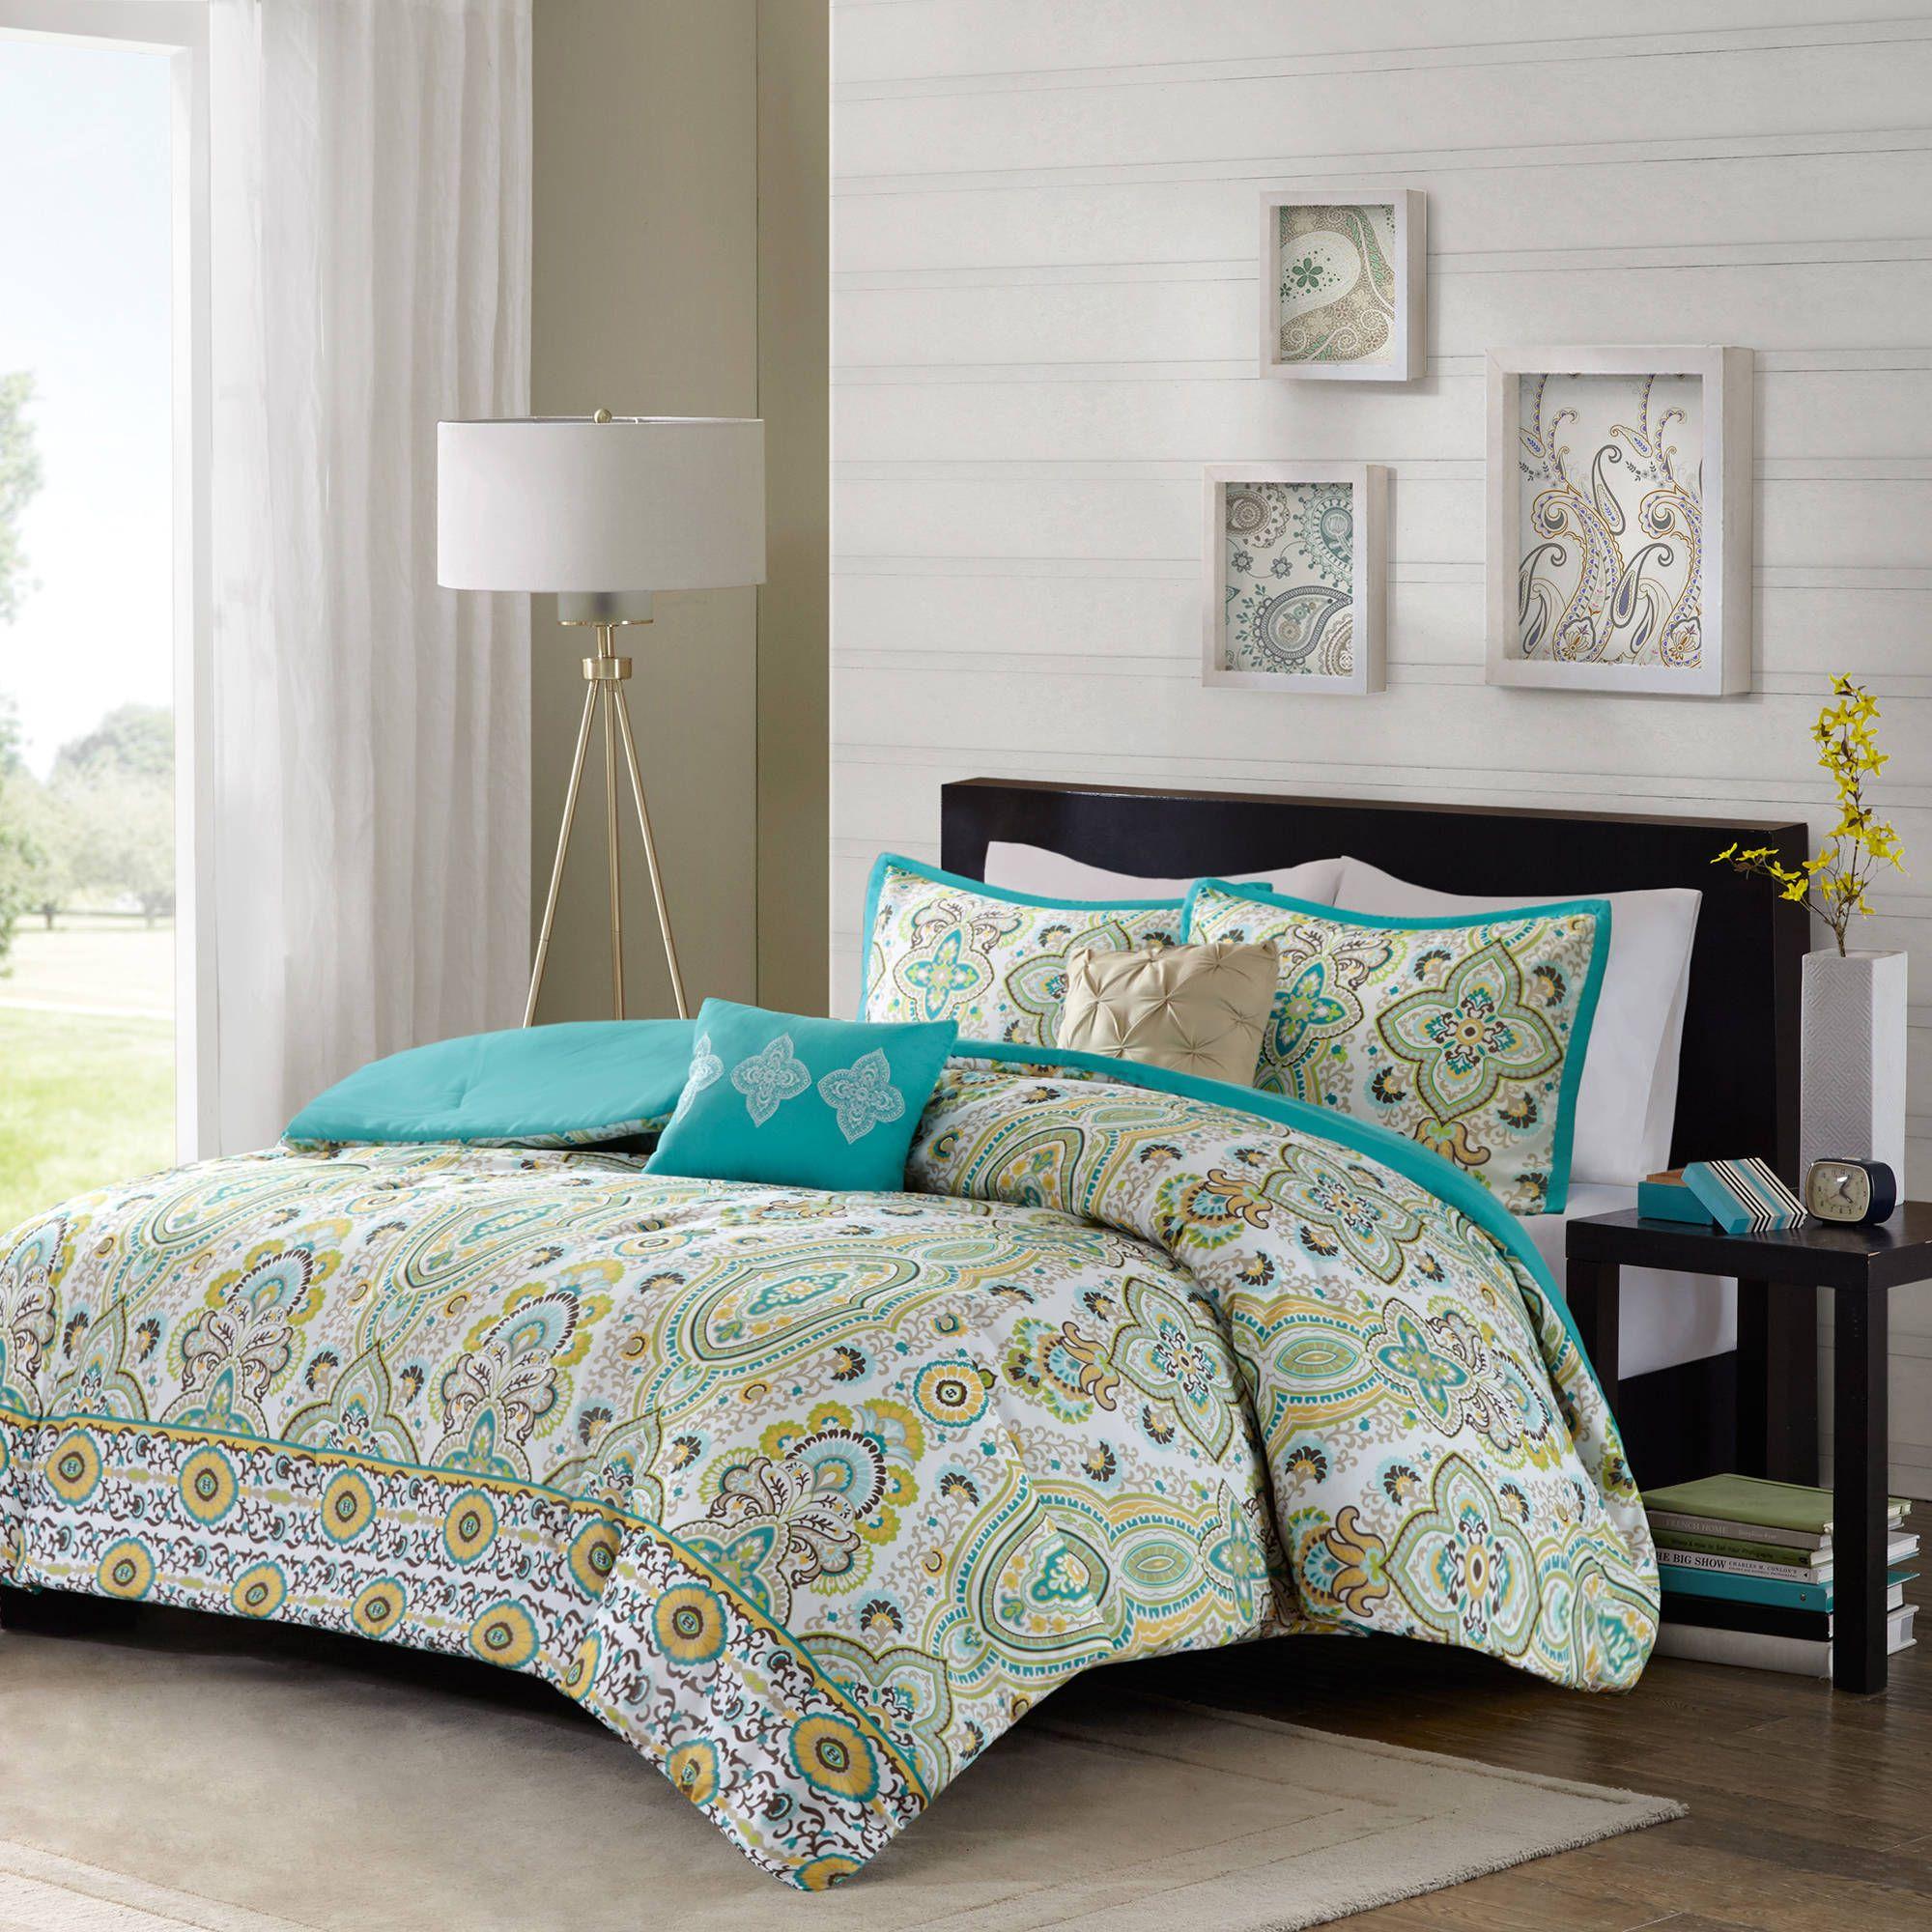 Home Comforter sets, Green comforter sets, Bedding sets